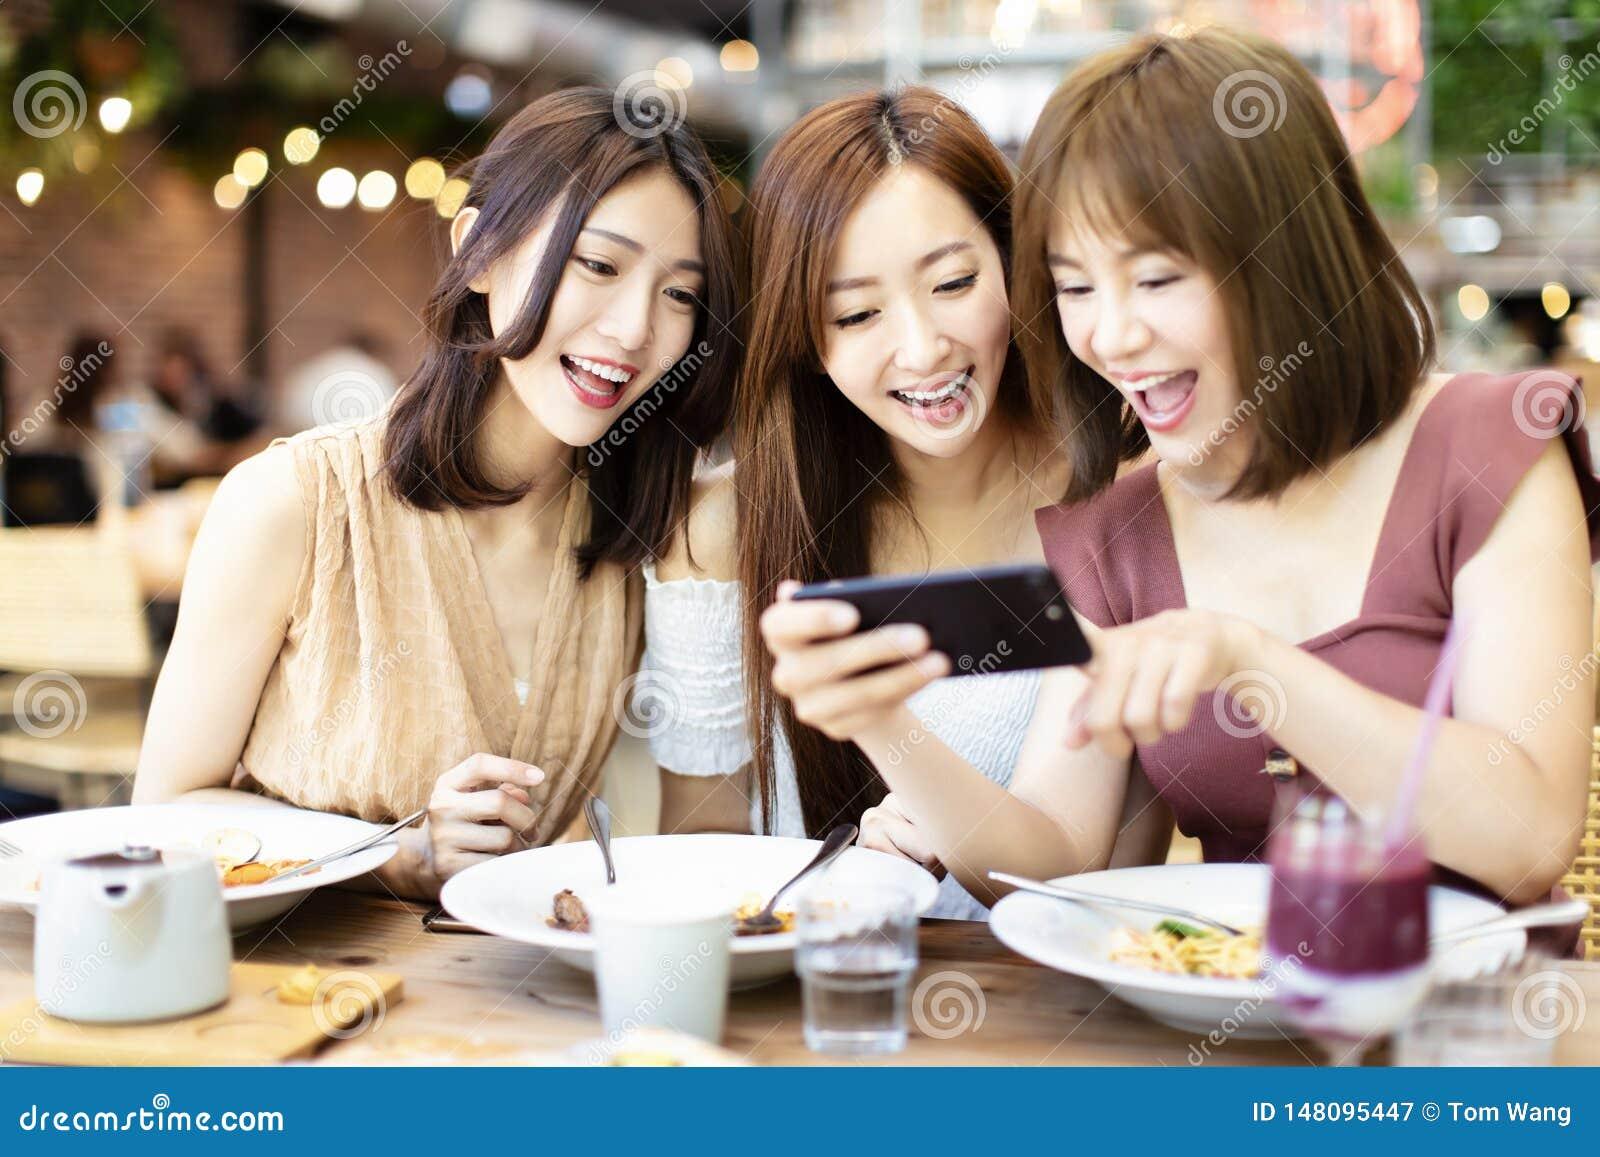 φίλοι που έχουν το γεύμα και που προσέχουν το έξυπνο τηλέφωνο στο εστιατόριο